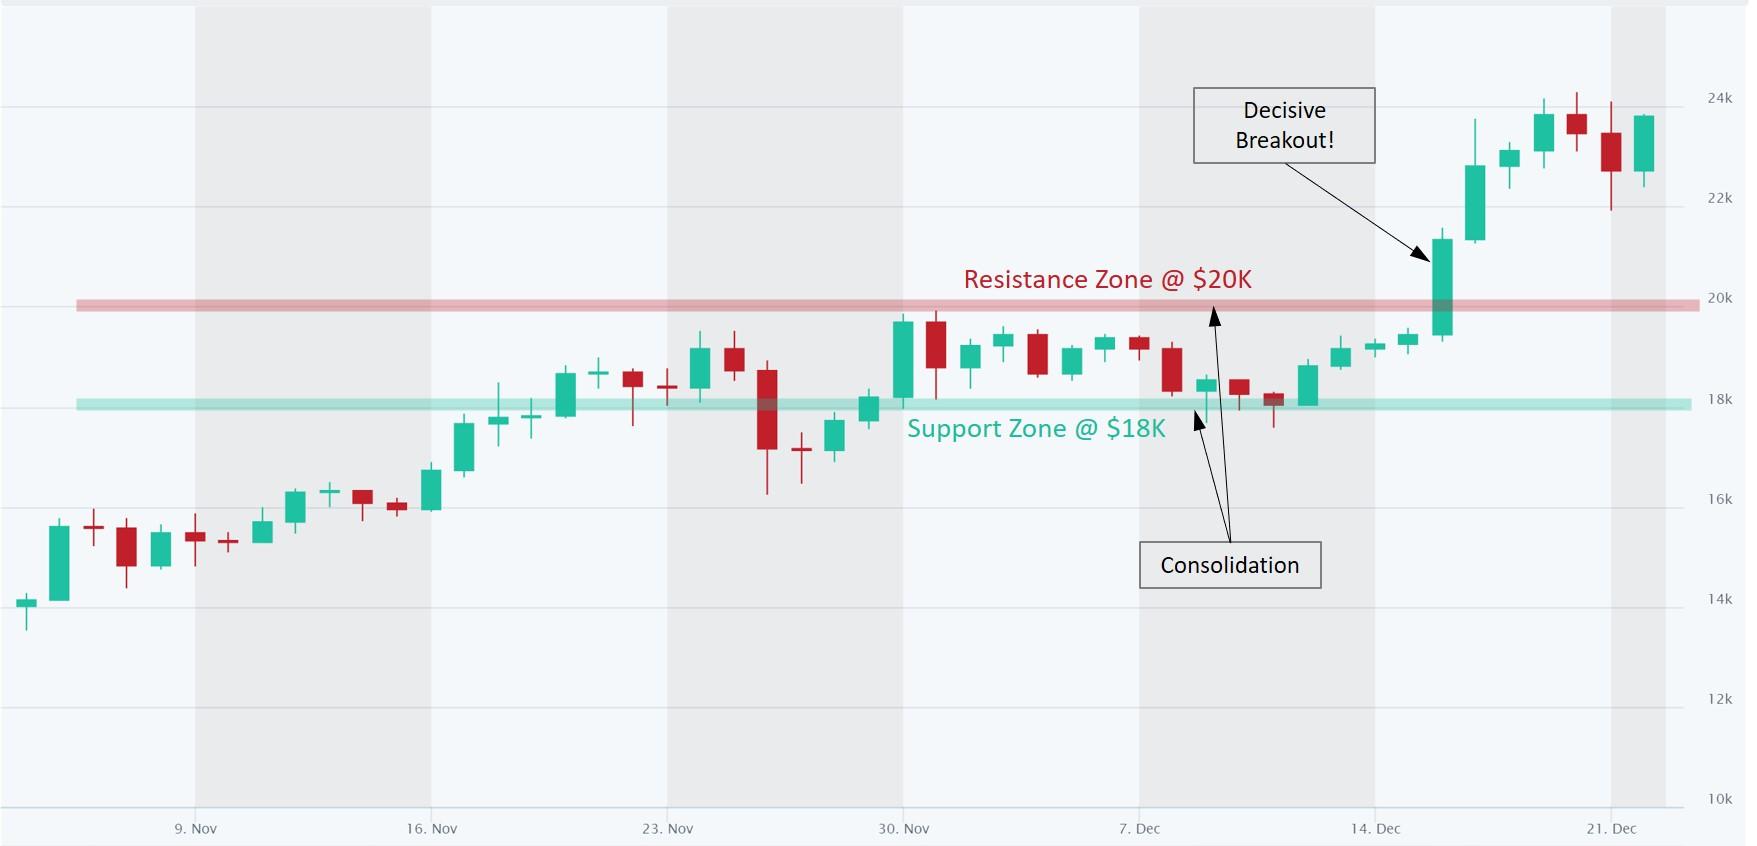 Bitcoin analysis $20K resistance